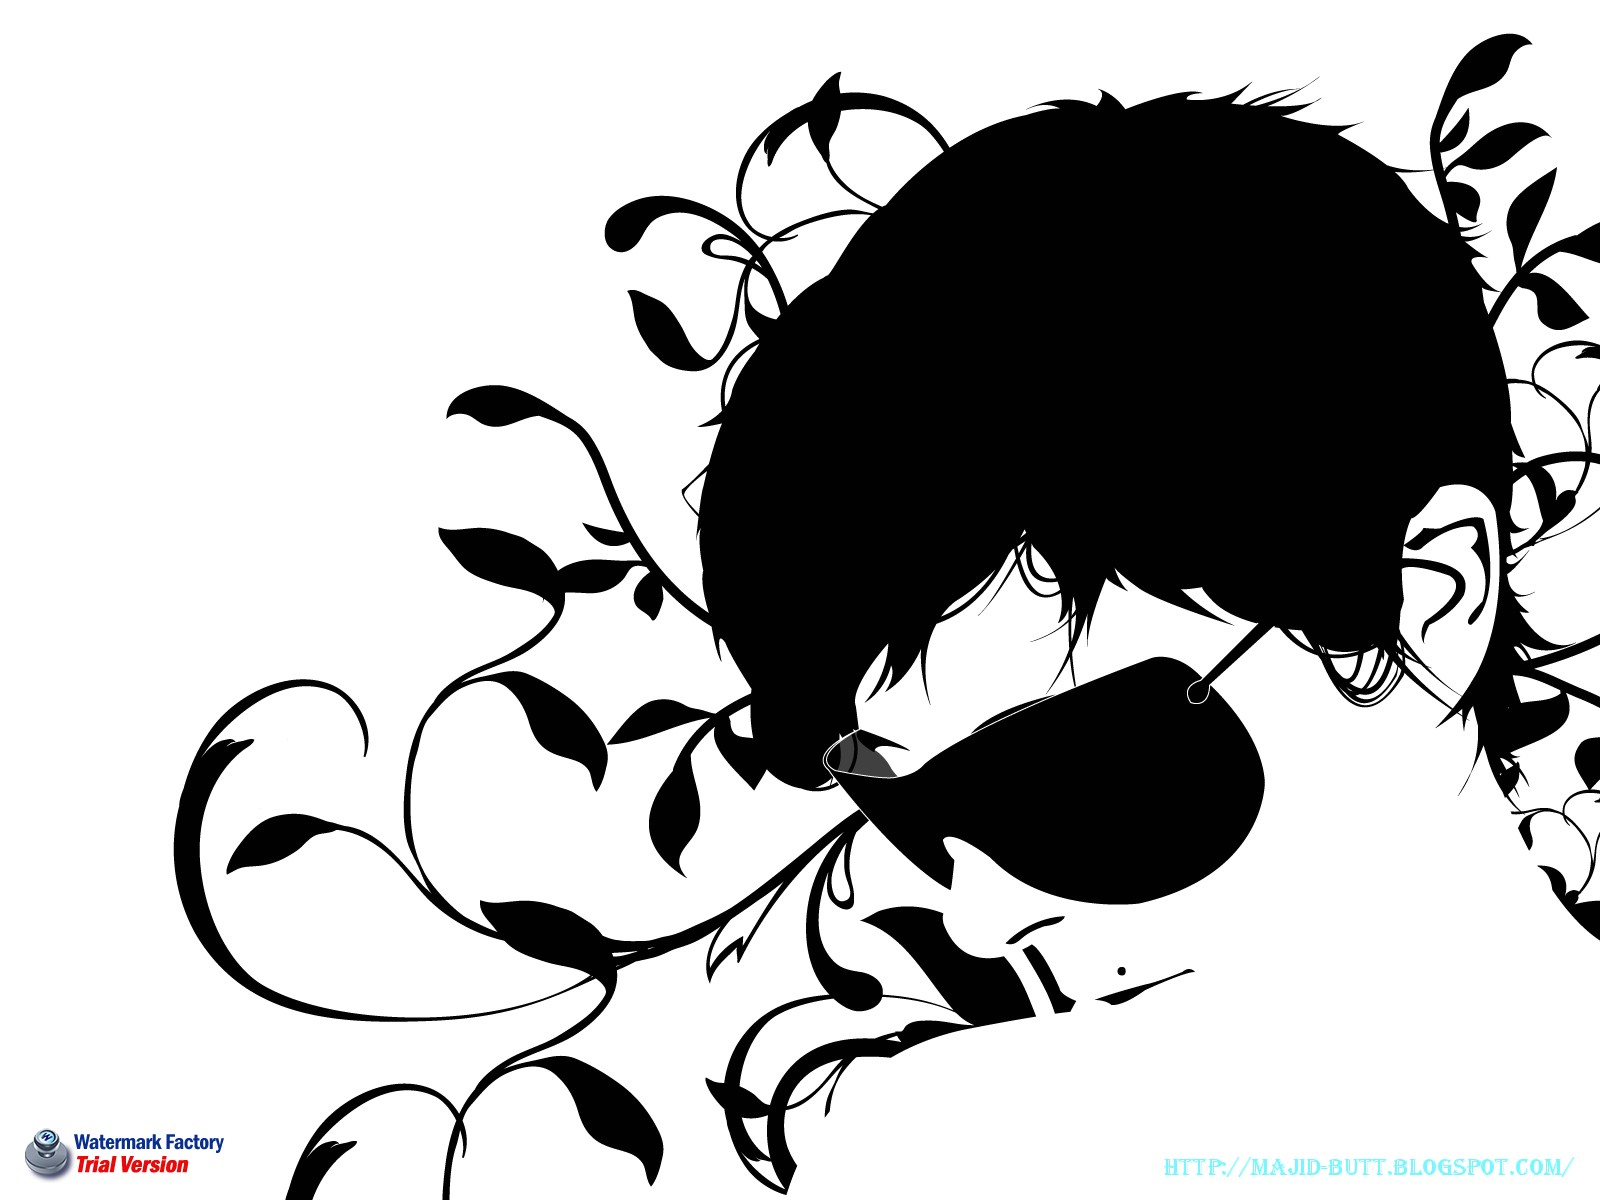 http://3.bp.blogspot.com/-_9o51yna8fs/UCej-GRjGiI/AAAAAAAABoA/XsH6FK1NnIo/s1600/Abstract+Wallpapers+(41).jpg